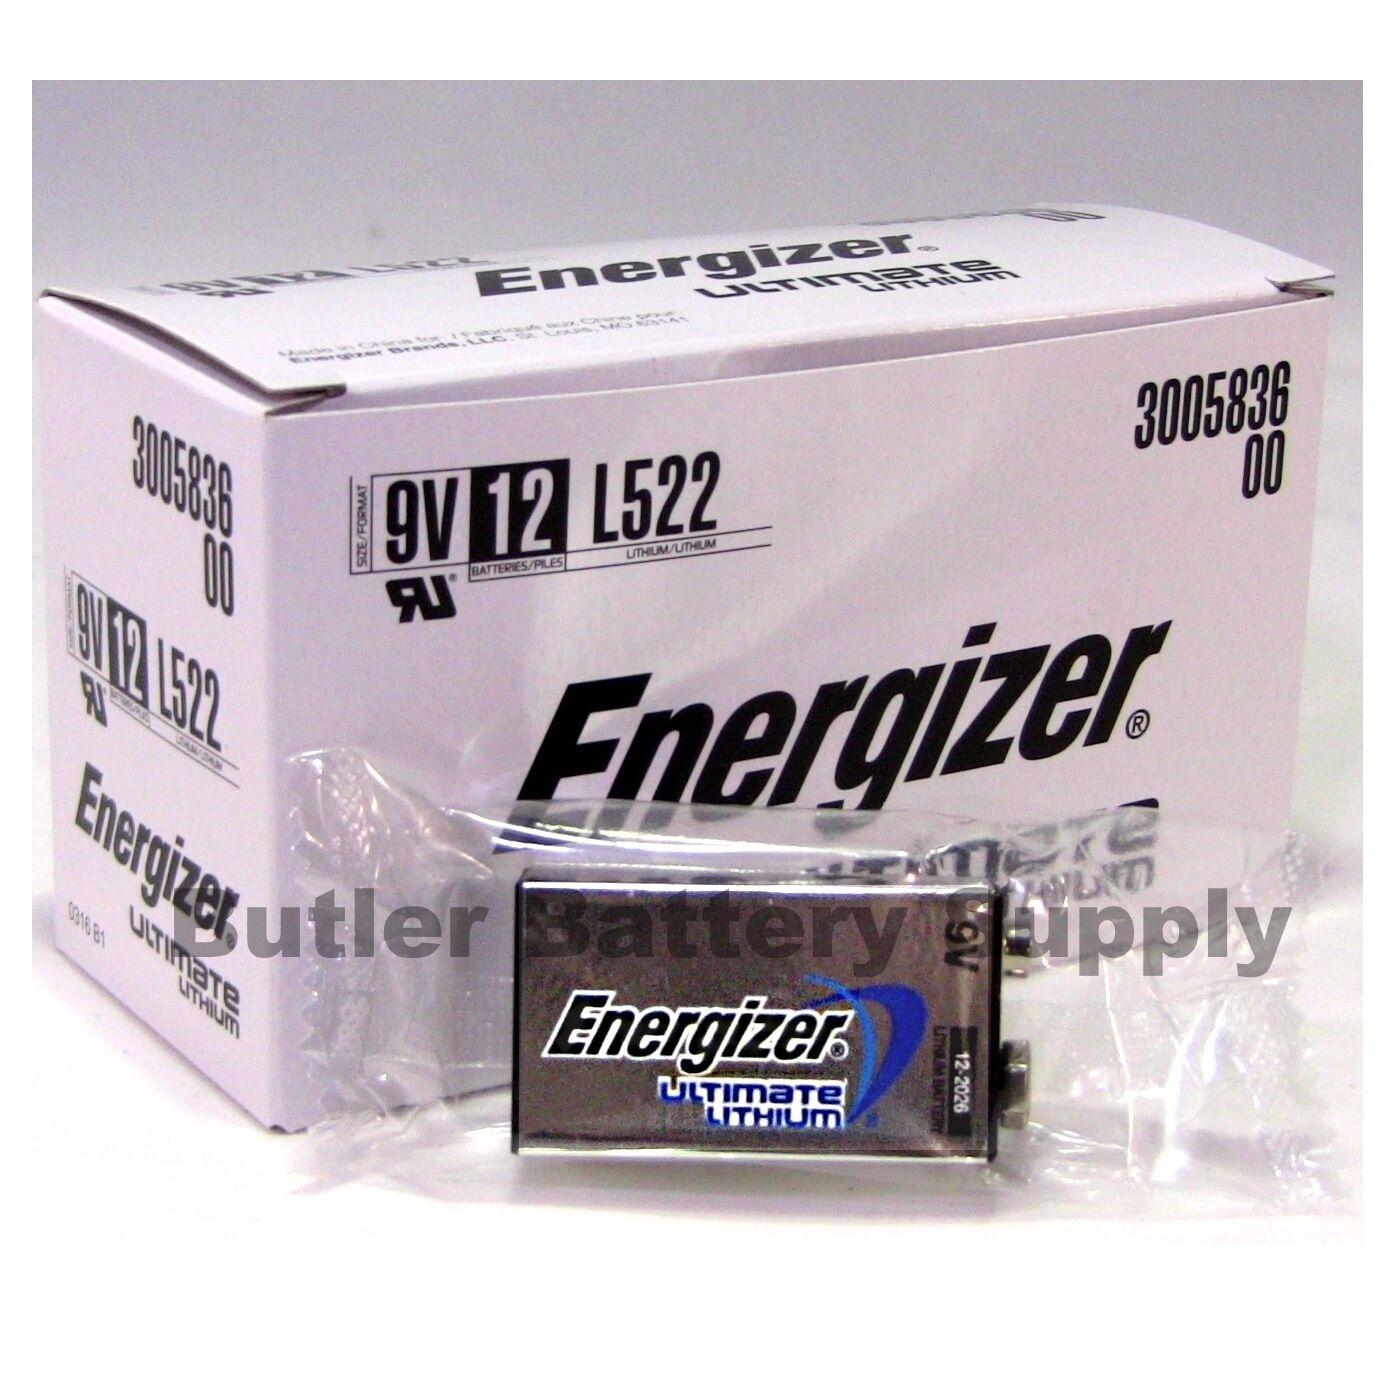 12 Energizer Ultimate Lithium 9v (9 Volt) Batteries (l522...